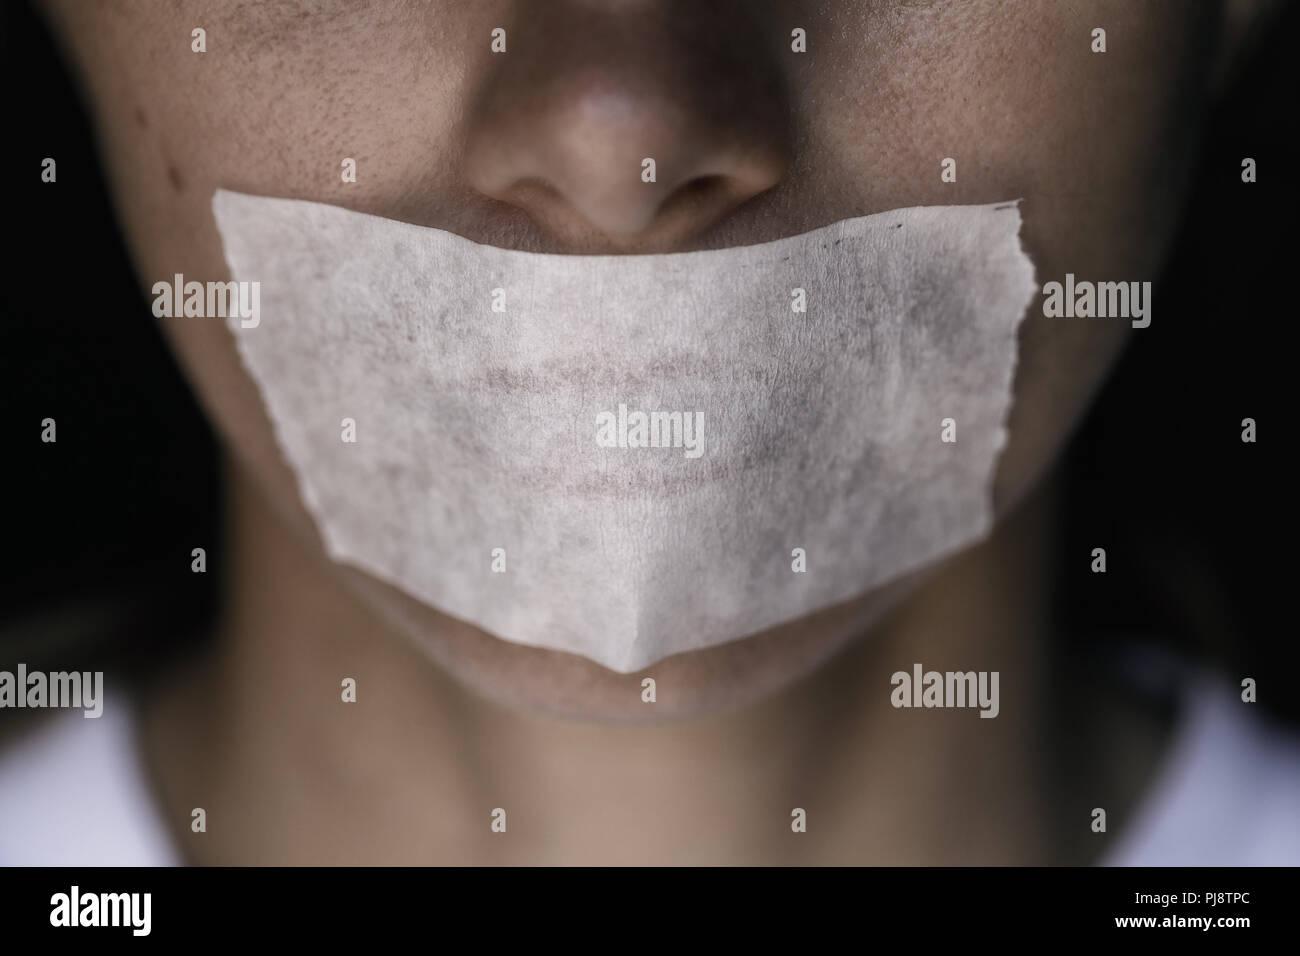 La censura nel mondo moderno: un uomo di bocca sigillata con un nastro adesivo, close-up Immagini Stock